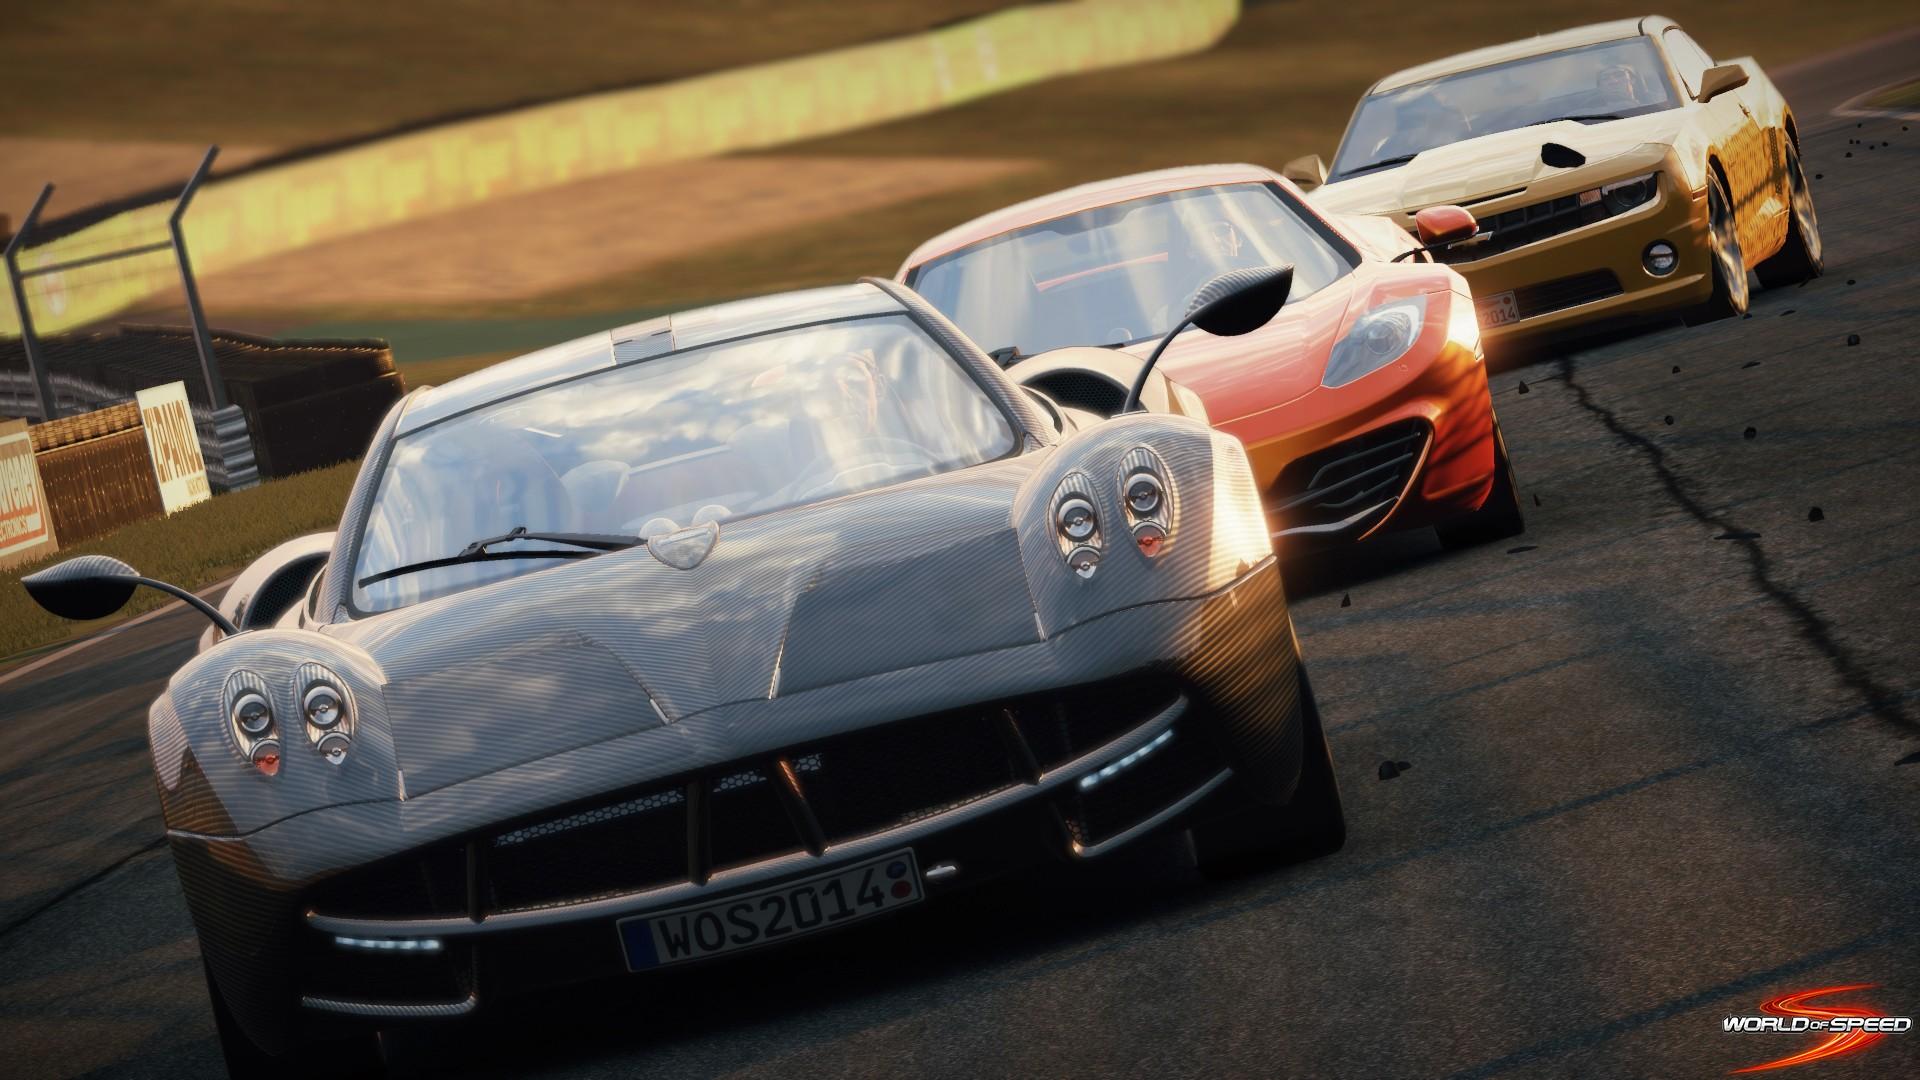 World of Speed: Képek az új autós játékról